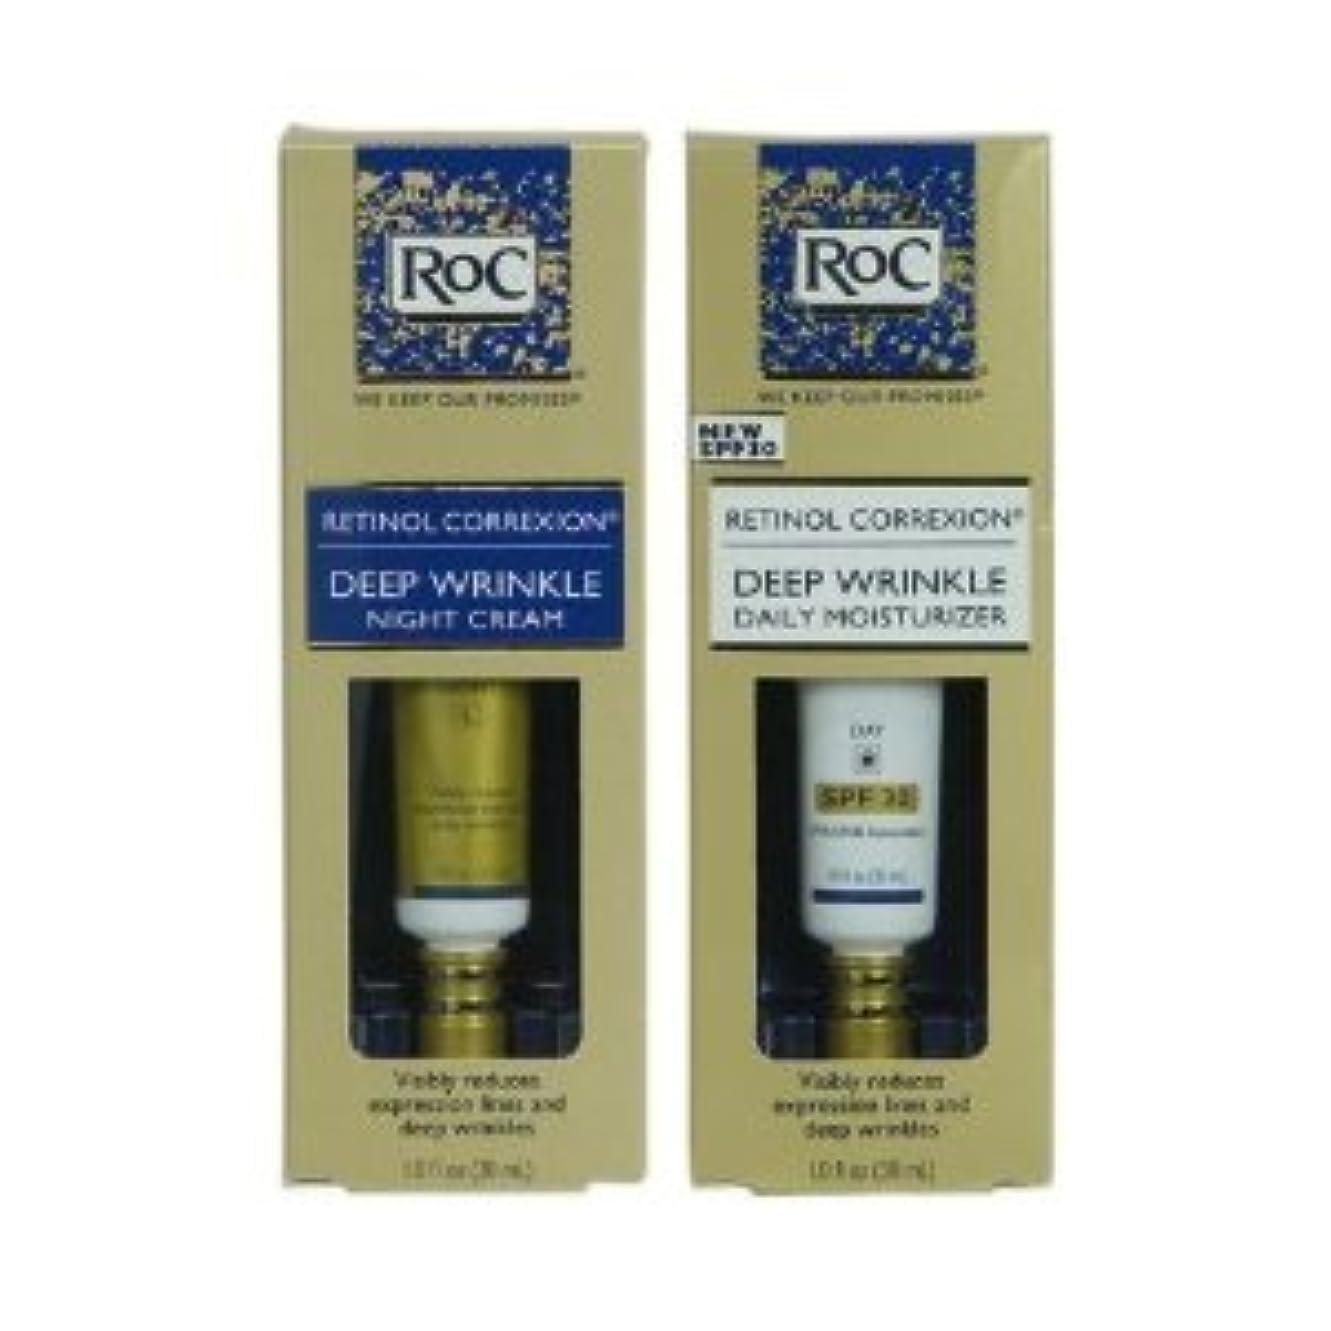 クレーター卒業シェードRoC レチノール コレクション 2本セット (昼+夜セット) フランス製 RoC Retinol Correxion Deep Wrinkle Day/Night set